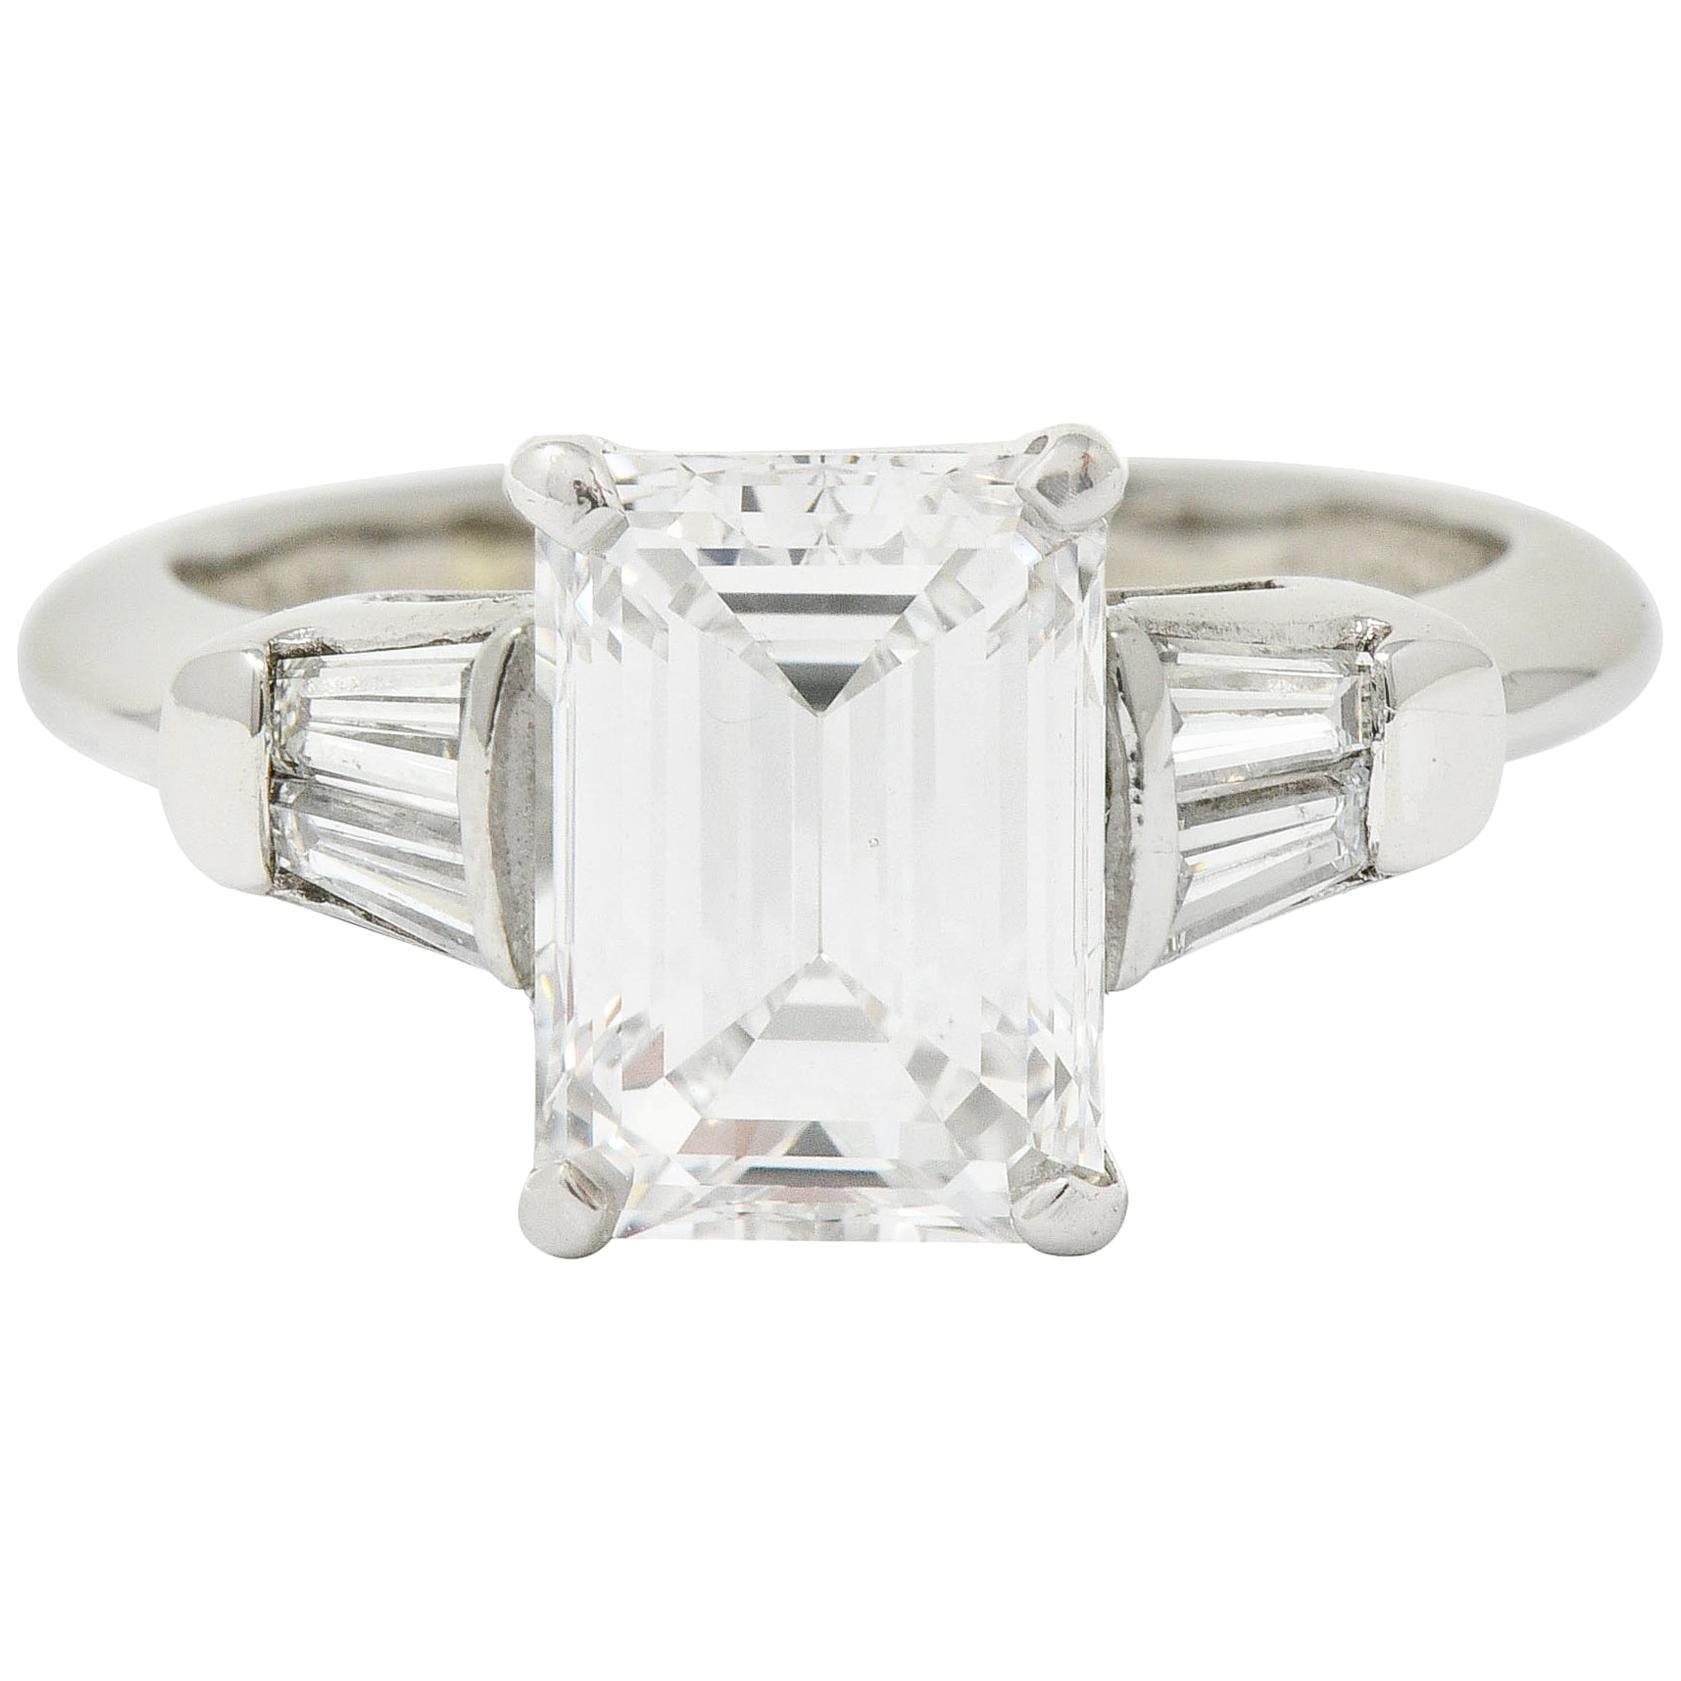 Retro 2.47 Carat Emerald Cut Diamond Platinum Engagement Ring GIA